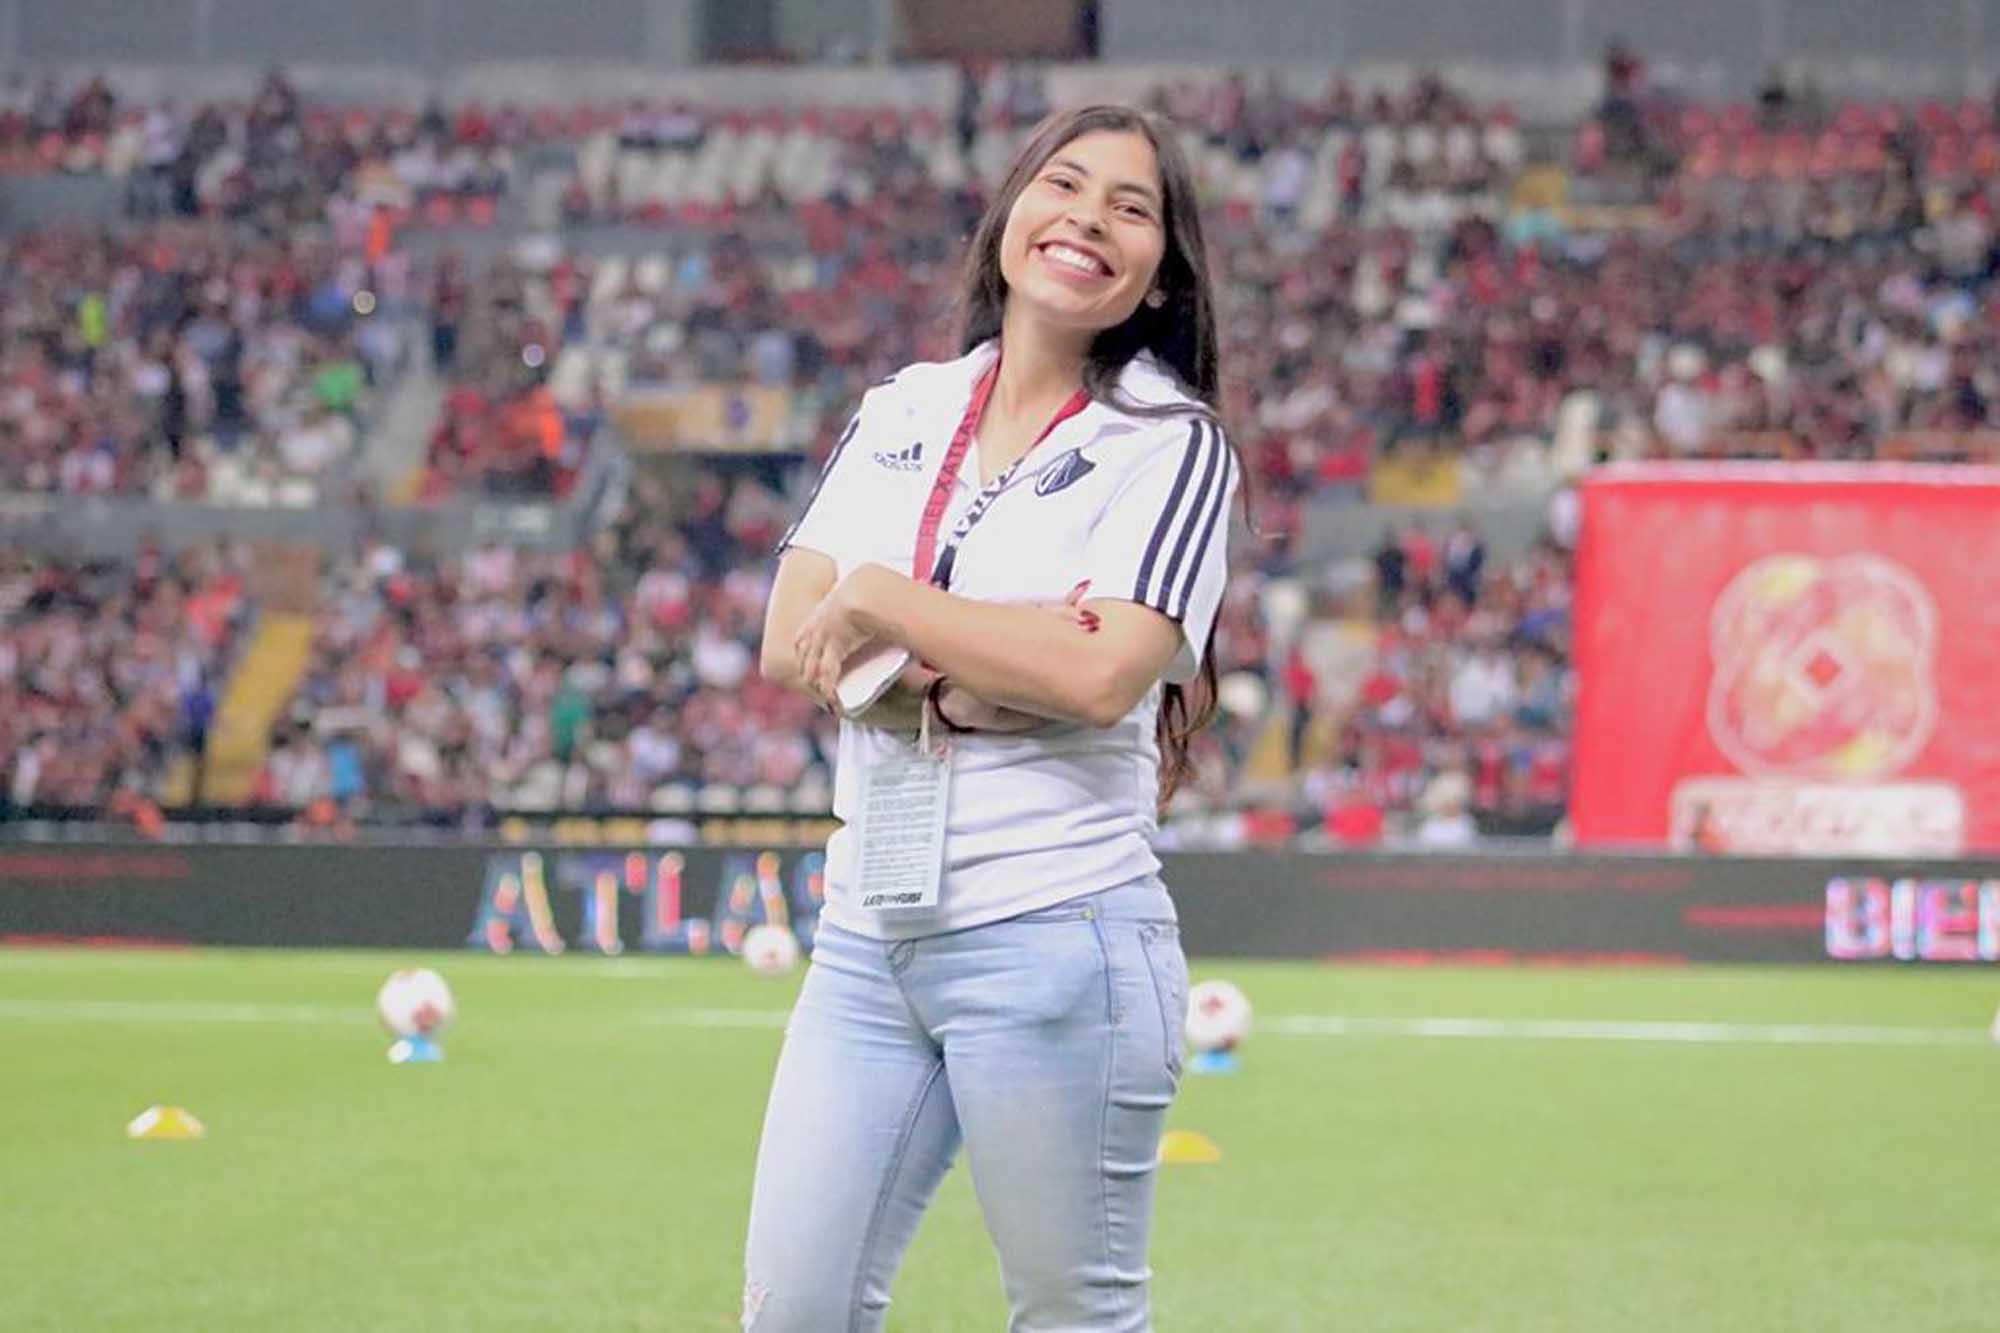 Natalia Cebreros 220421